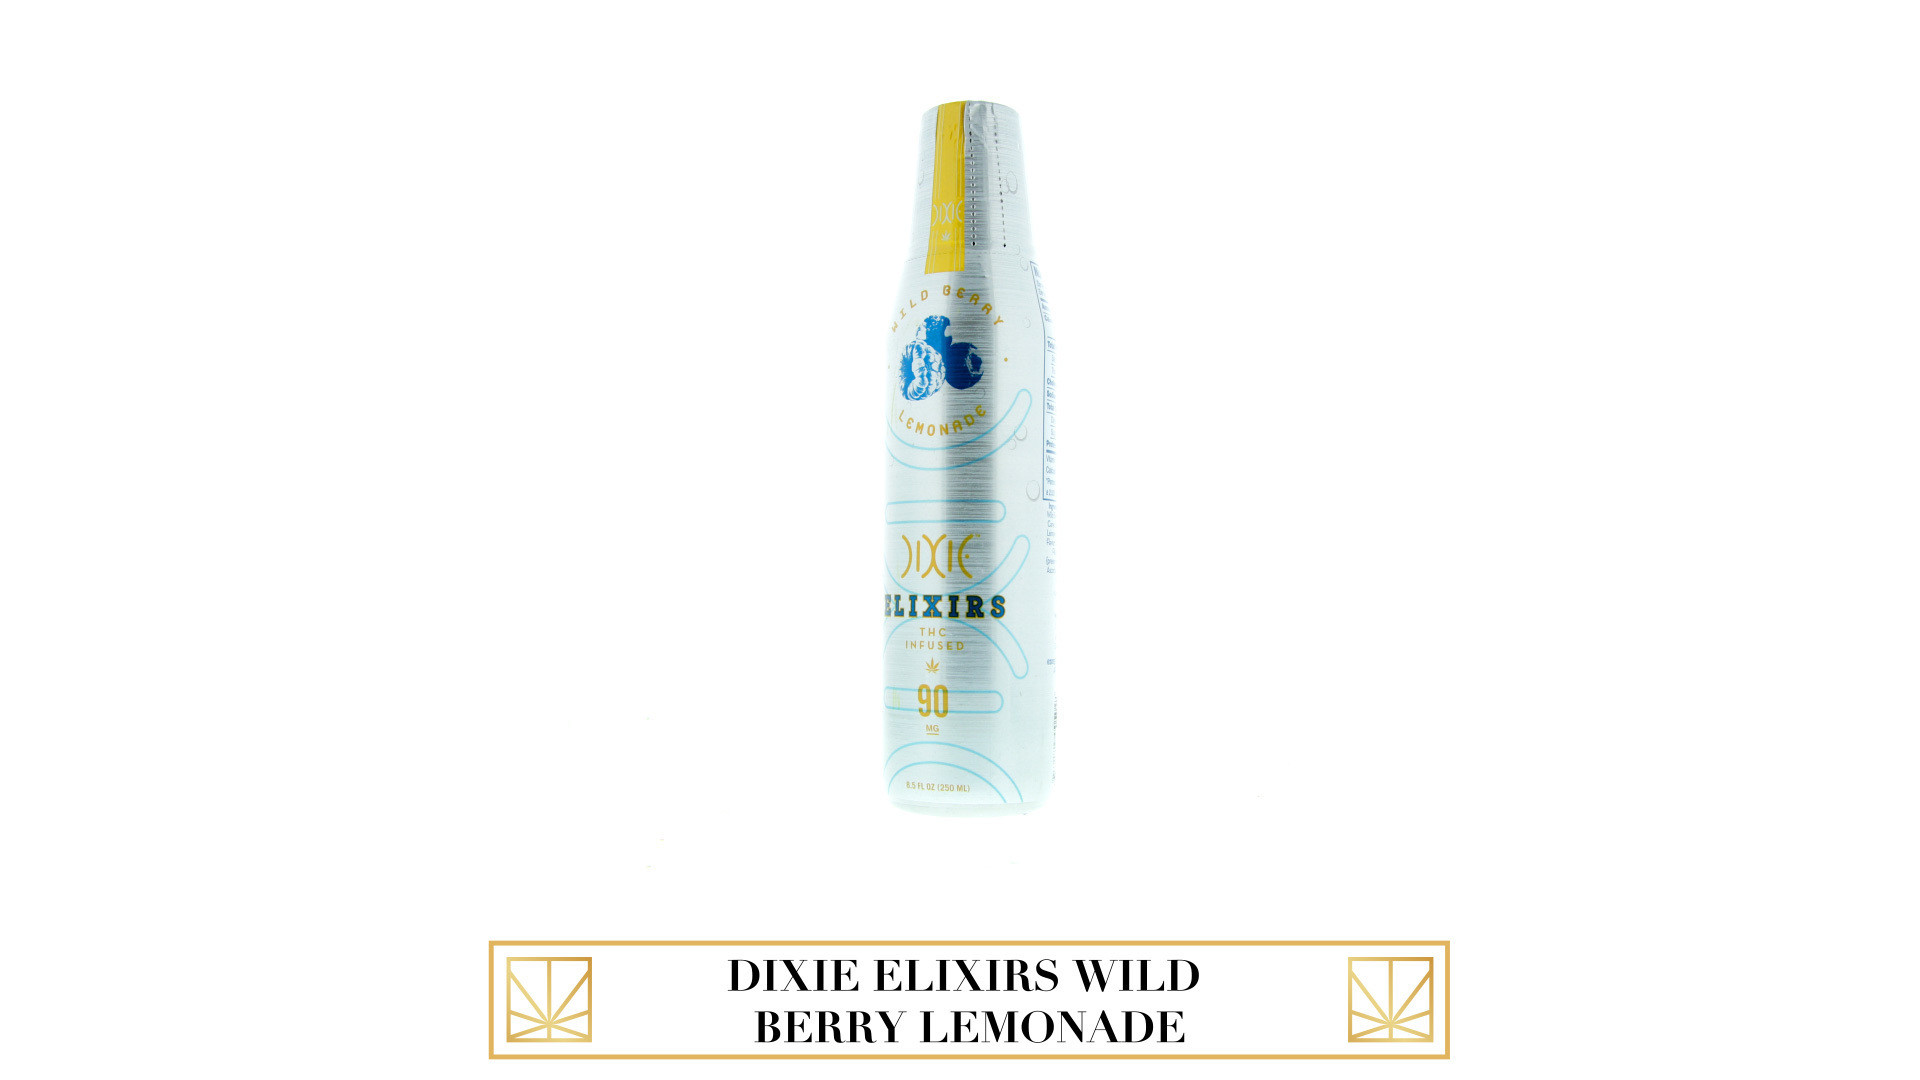 Dixie Elixirs Wild Berry Lemonade